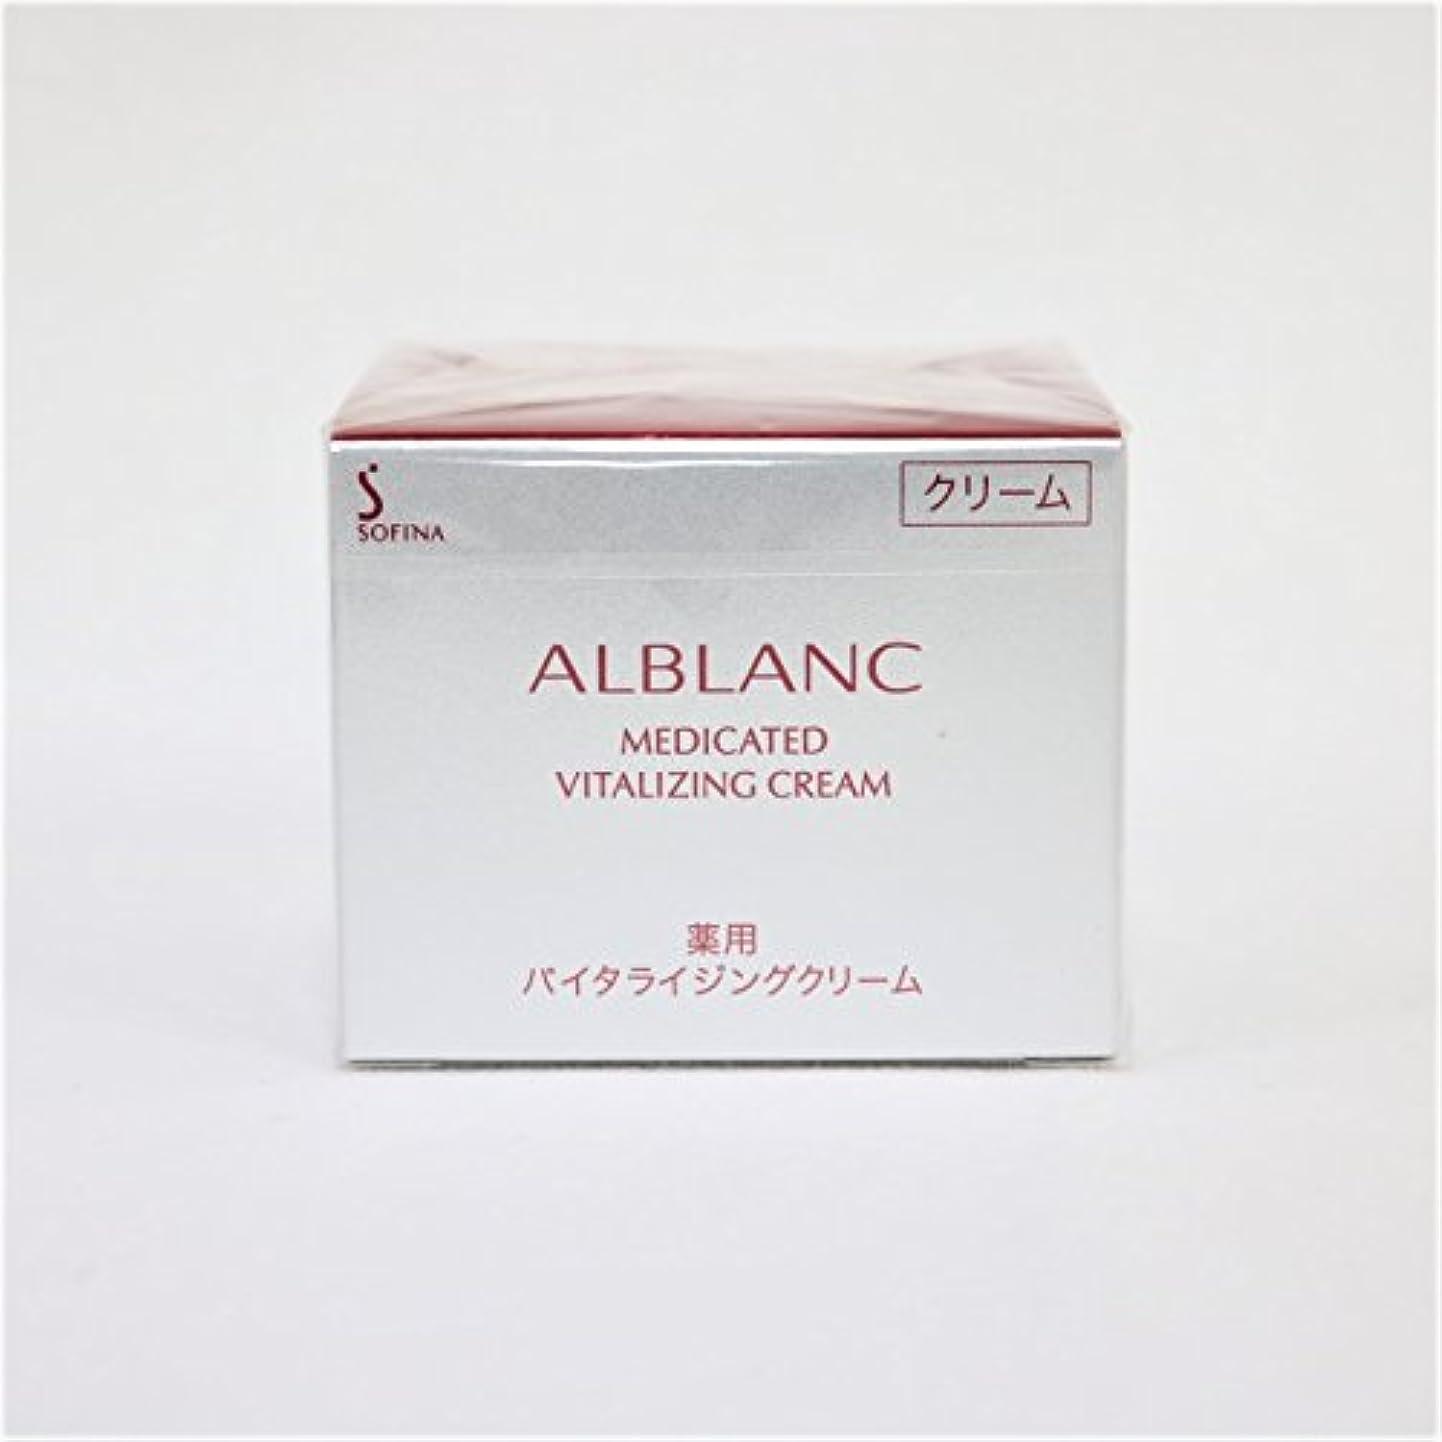 最大の富豪最大のソフィーナ アルブラン 薬用バイタライジングクリーム 40g